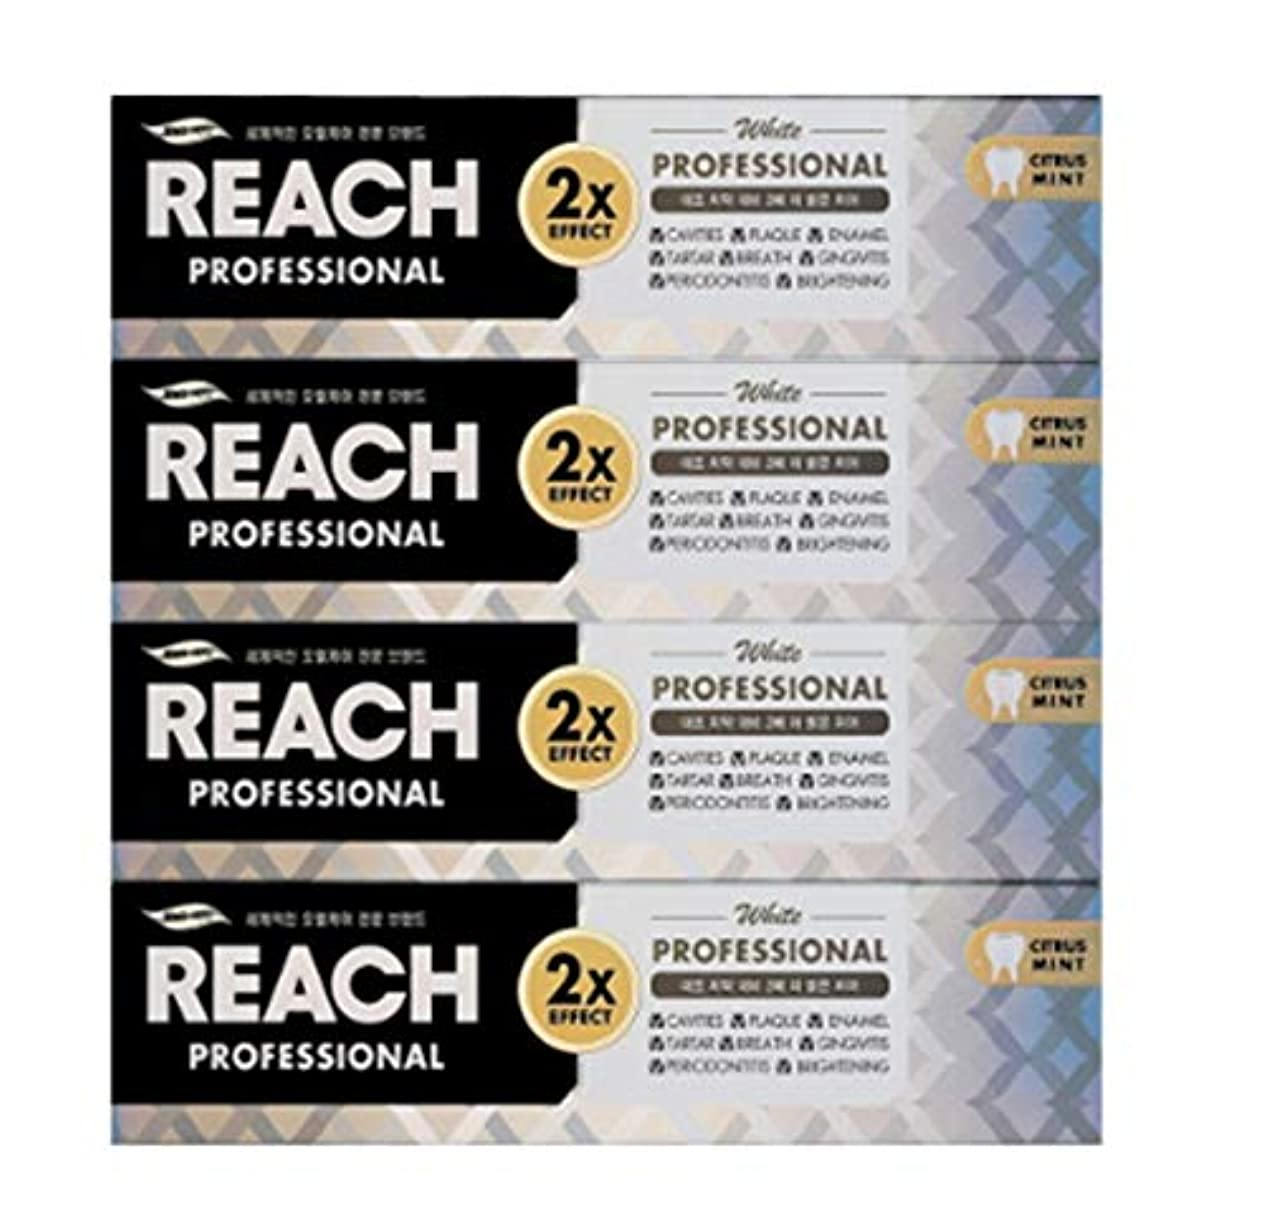 中庭分析素晴らしいです[LG生活と健康] LG Rich Professional toothpaste whiteningリッチ、プロフェッショナル歯磨き粉ホワイトニング120g*4つの(海外直送品)